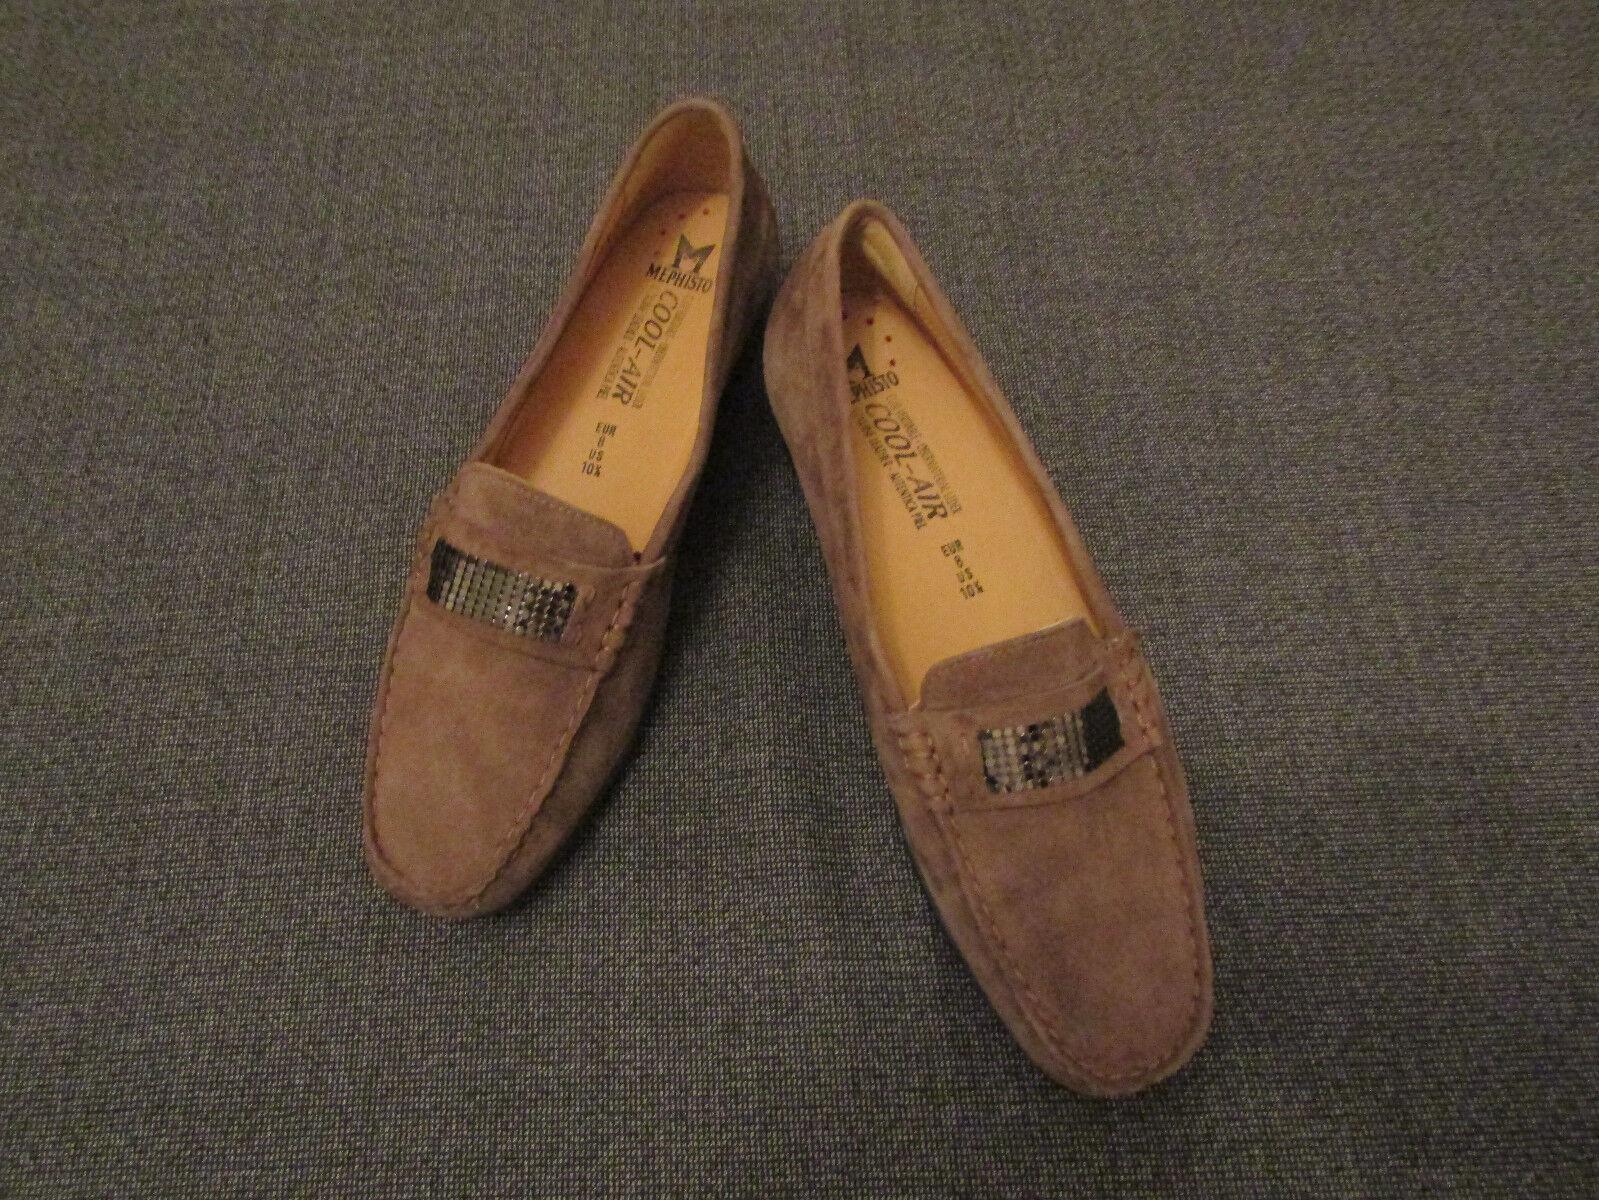 Mephisto Damen Schuhe,Mokassins Halbschuhe Sliper Gr.42 (EUR 8 top / US 10,5)  top 8 80452e